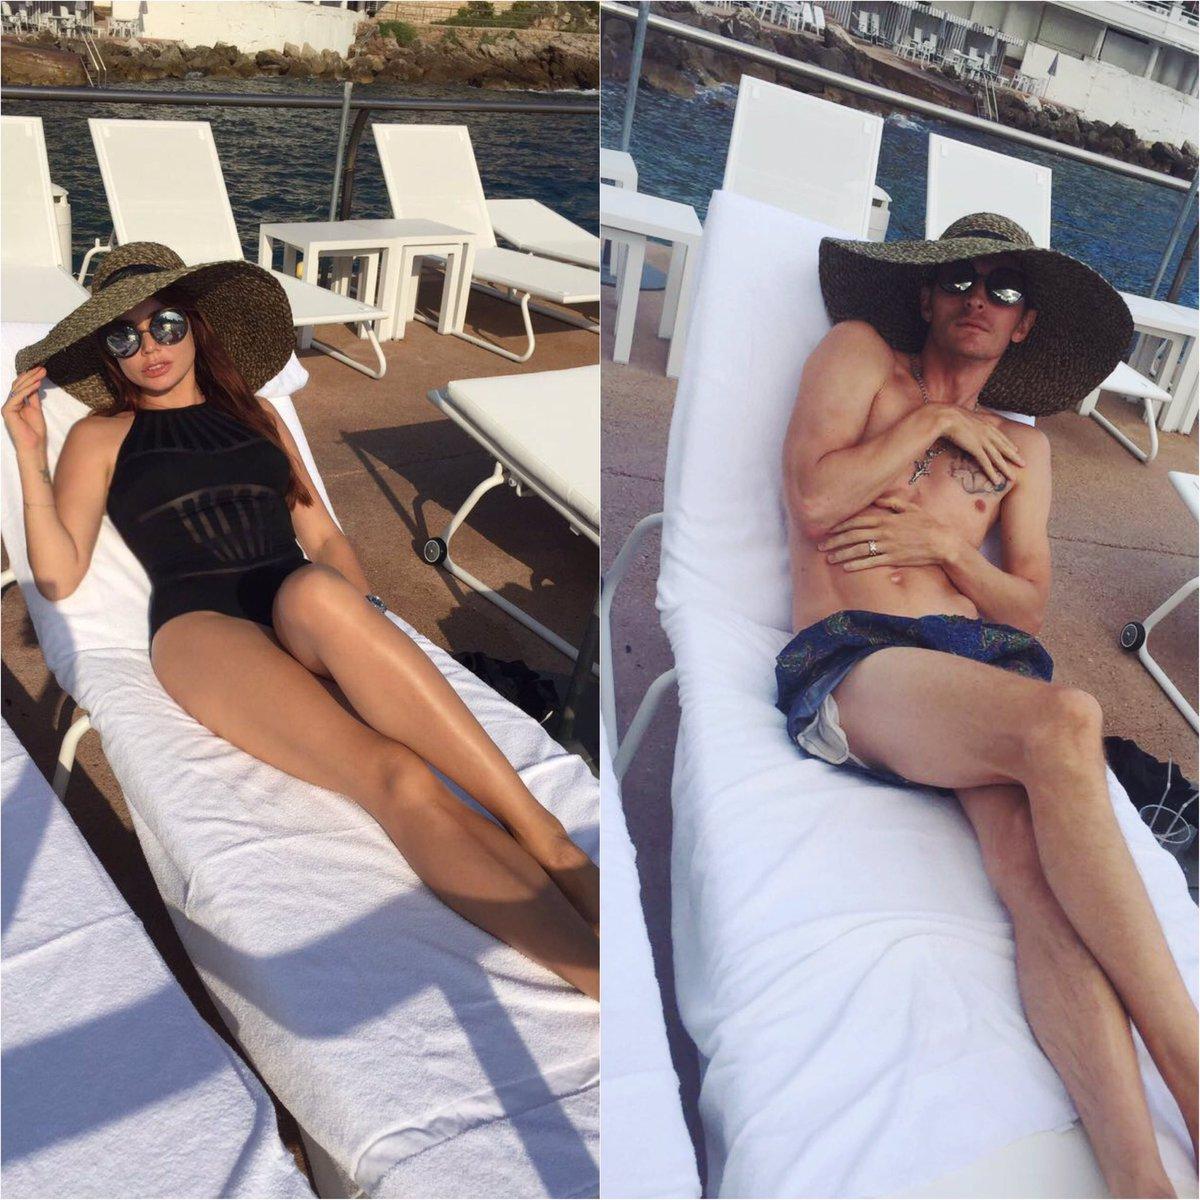 #найдите100отличий ???? Зарисовка @RealVolya на тему как мы, девочки, делаем фото на пляже ???????? https://t.co/xtq7ElyKCt